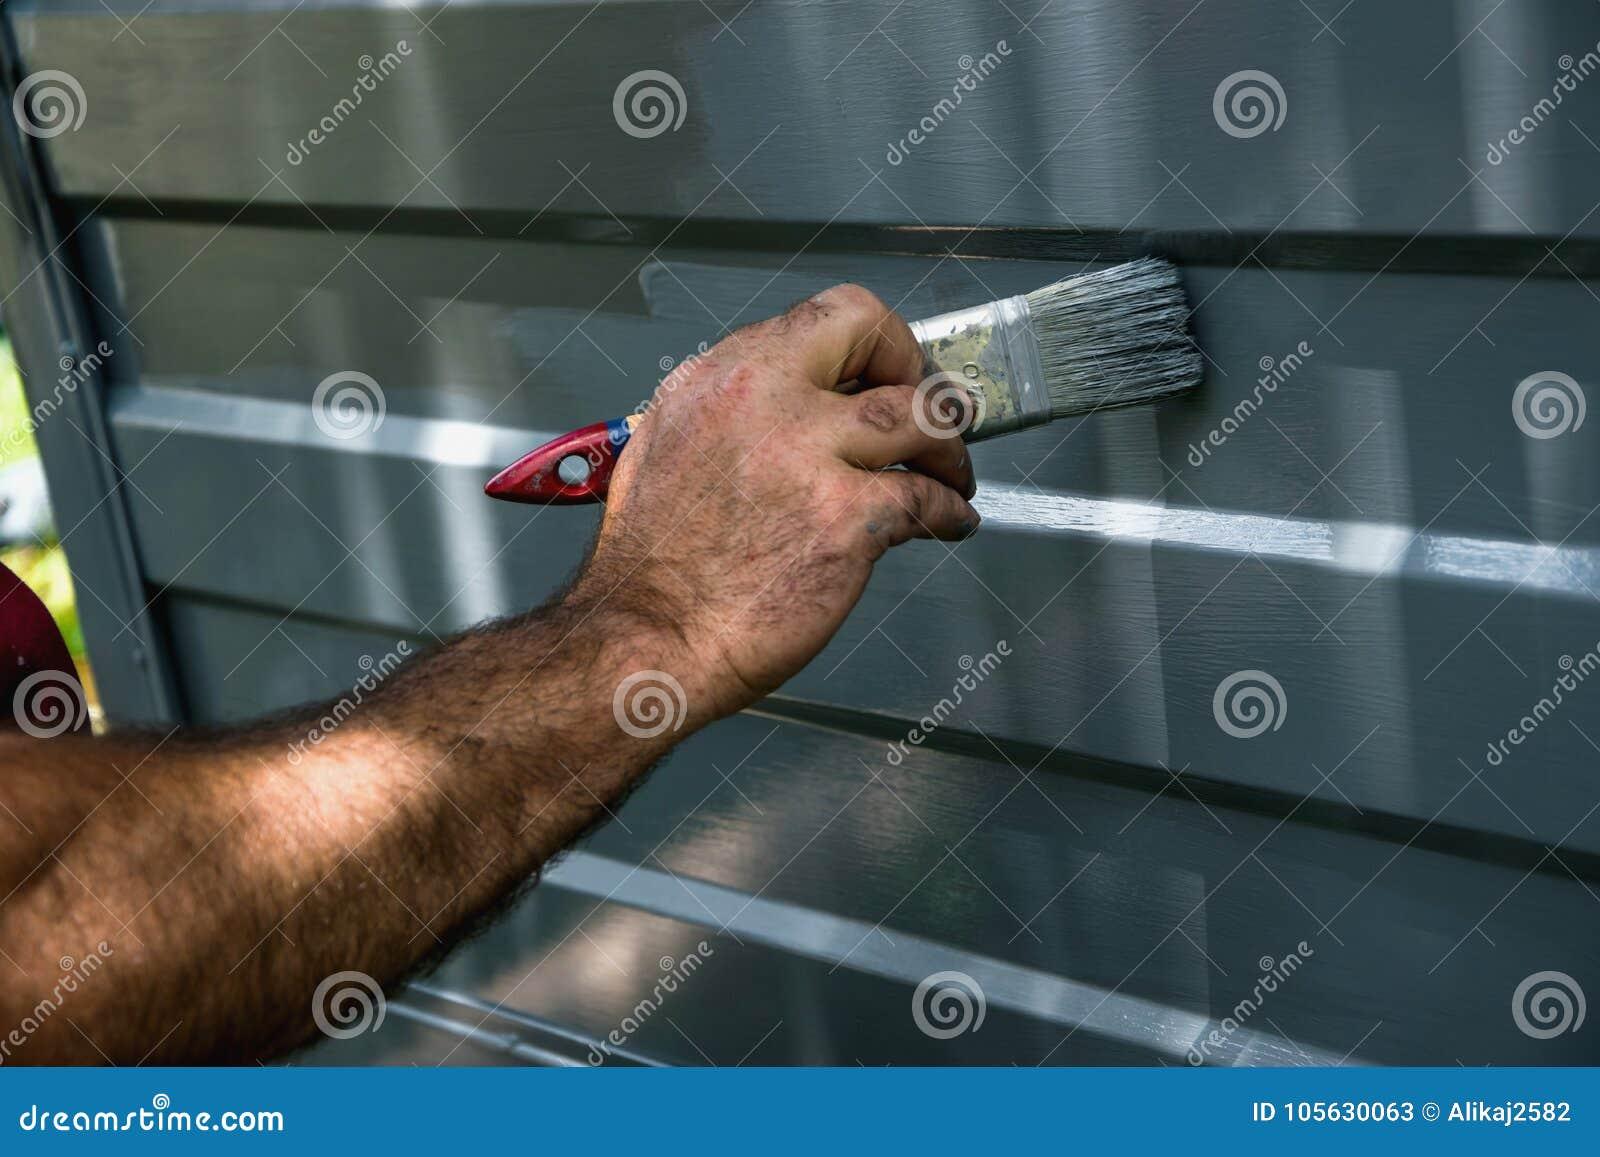 Painting the garage door